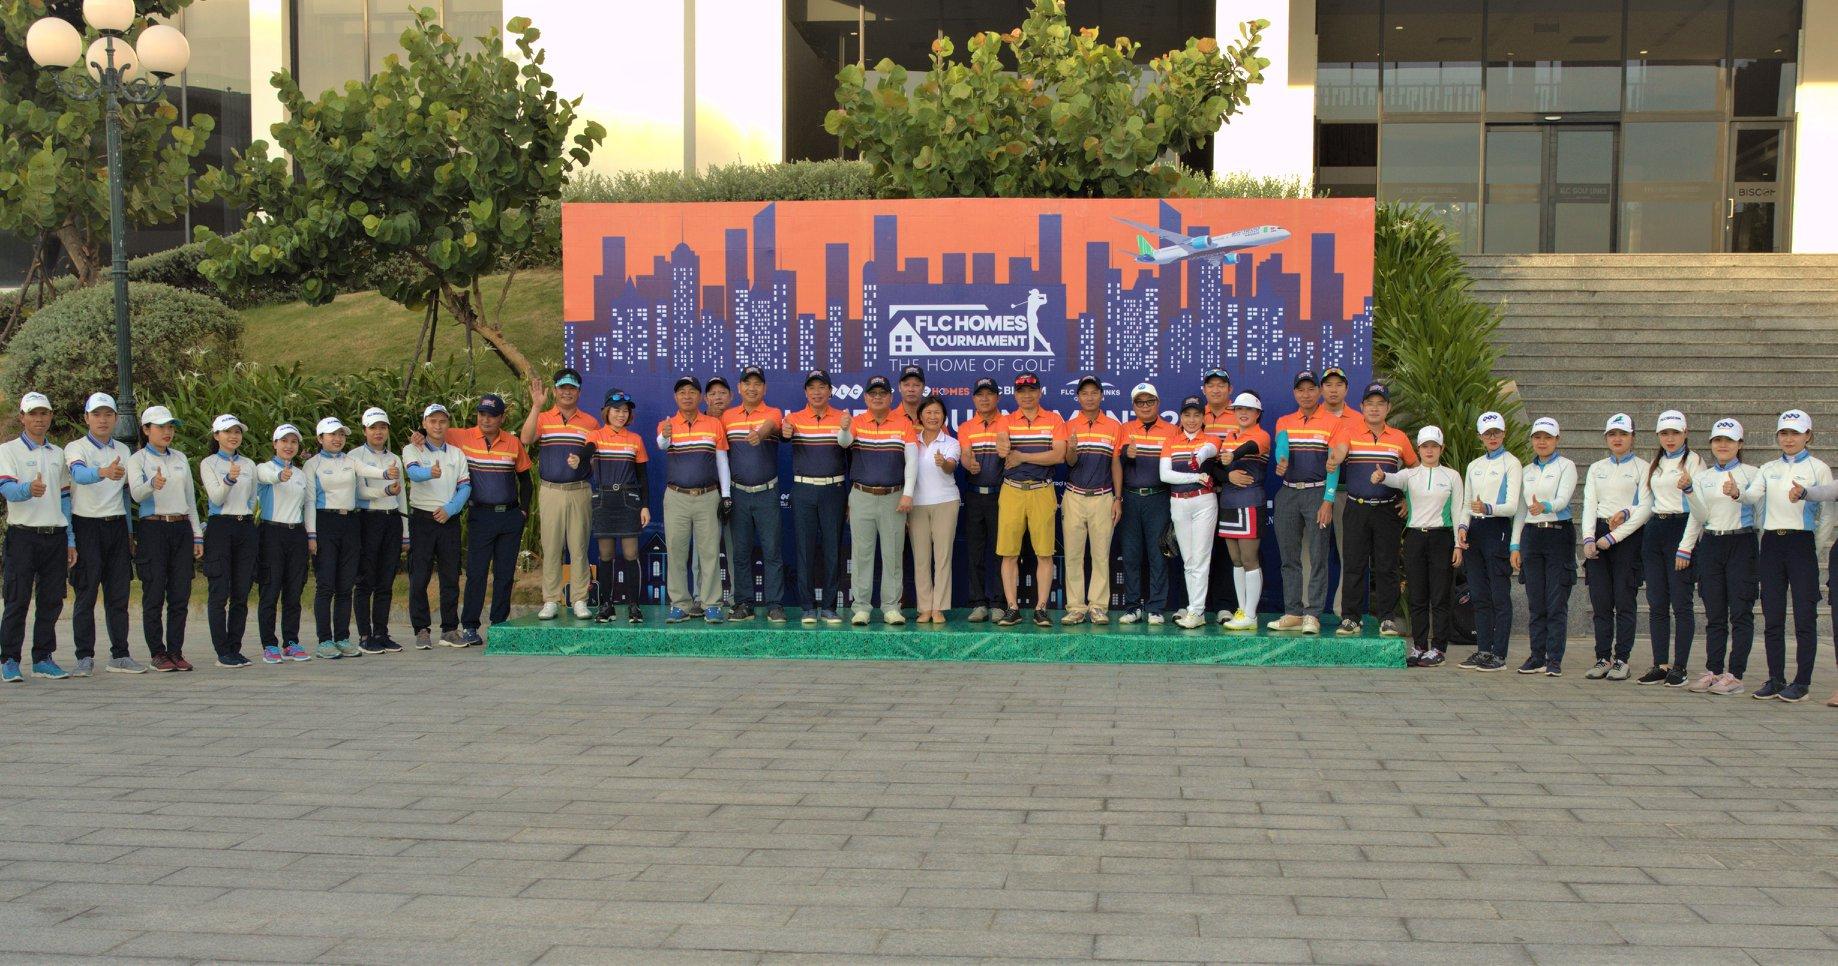 'FLCHomes Tournament 2020 – The Home of Golf' tiếp tục với chặng đua tại FLC Golf Links Quy Nhon